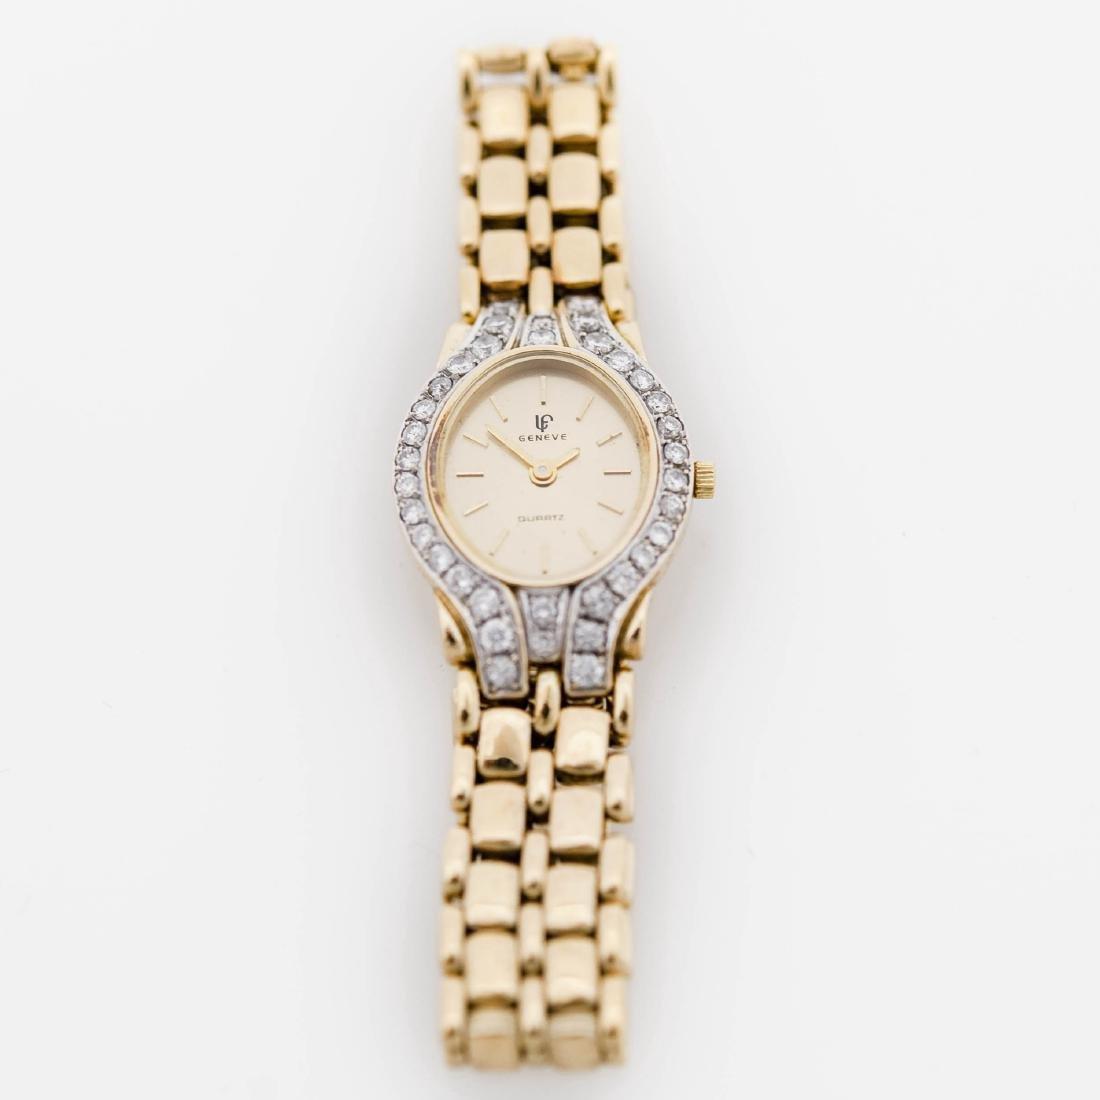 Lady's 14K Geneve Diamond Bezel Wristwatch.